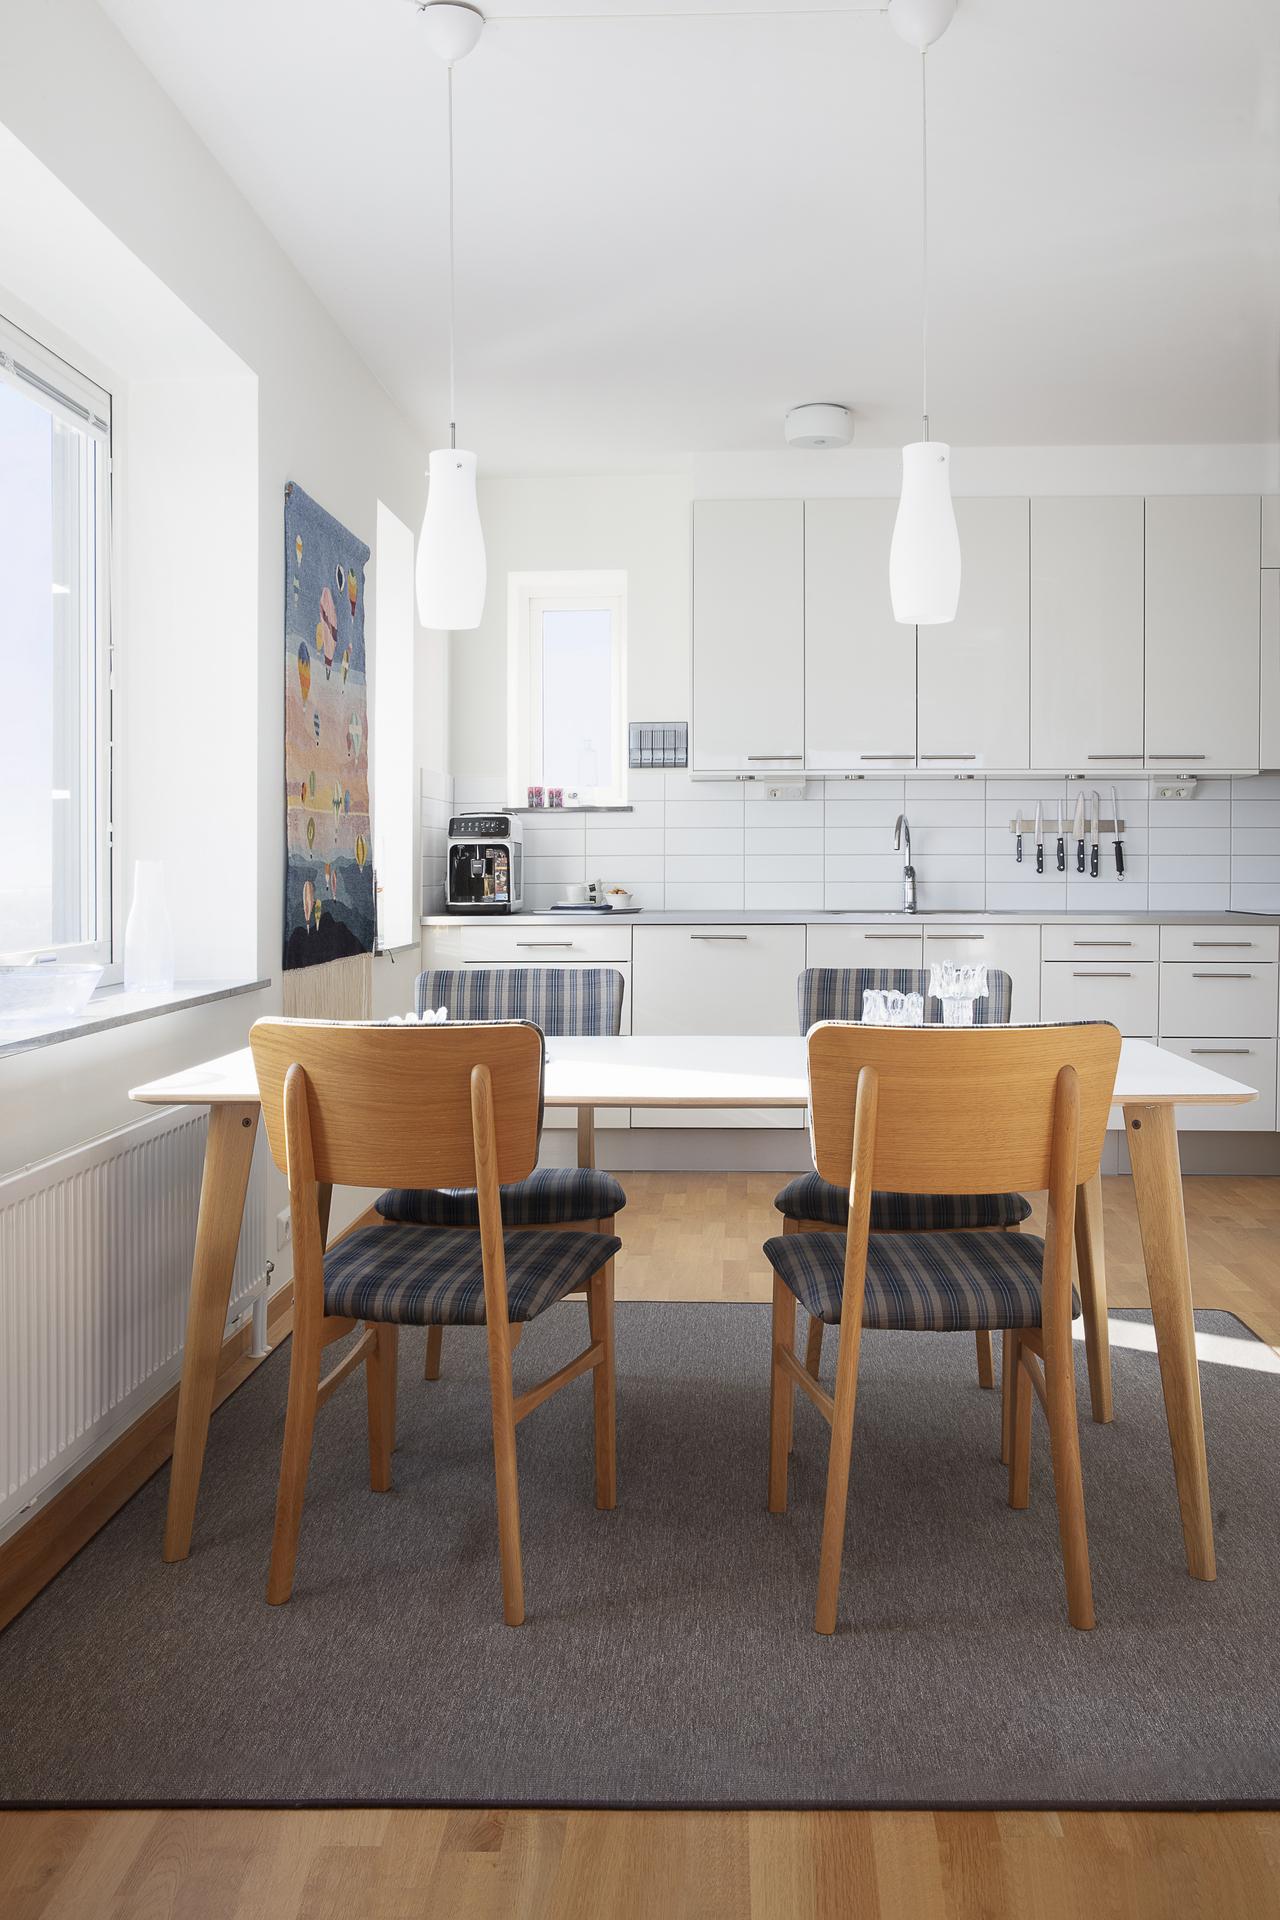 Matplatsen i köket rymmer ett matbord till minst fyra